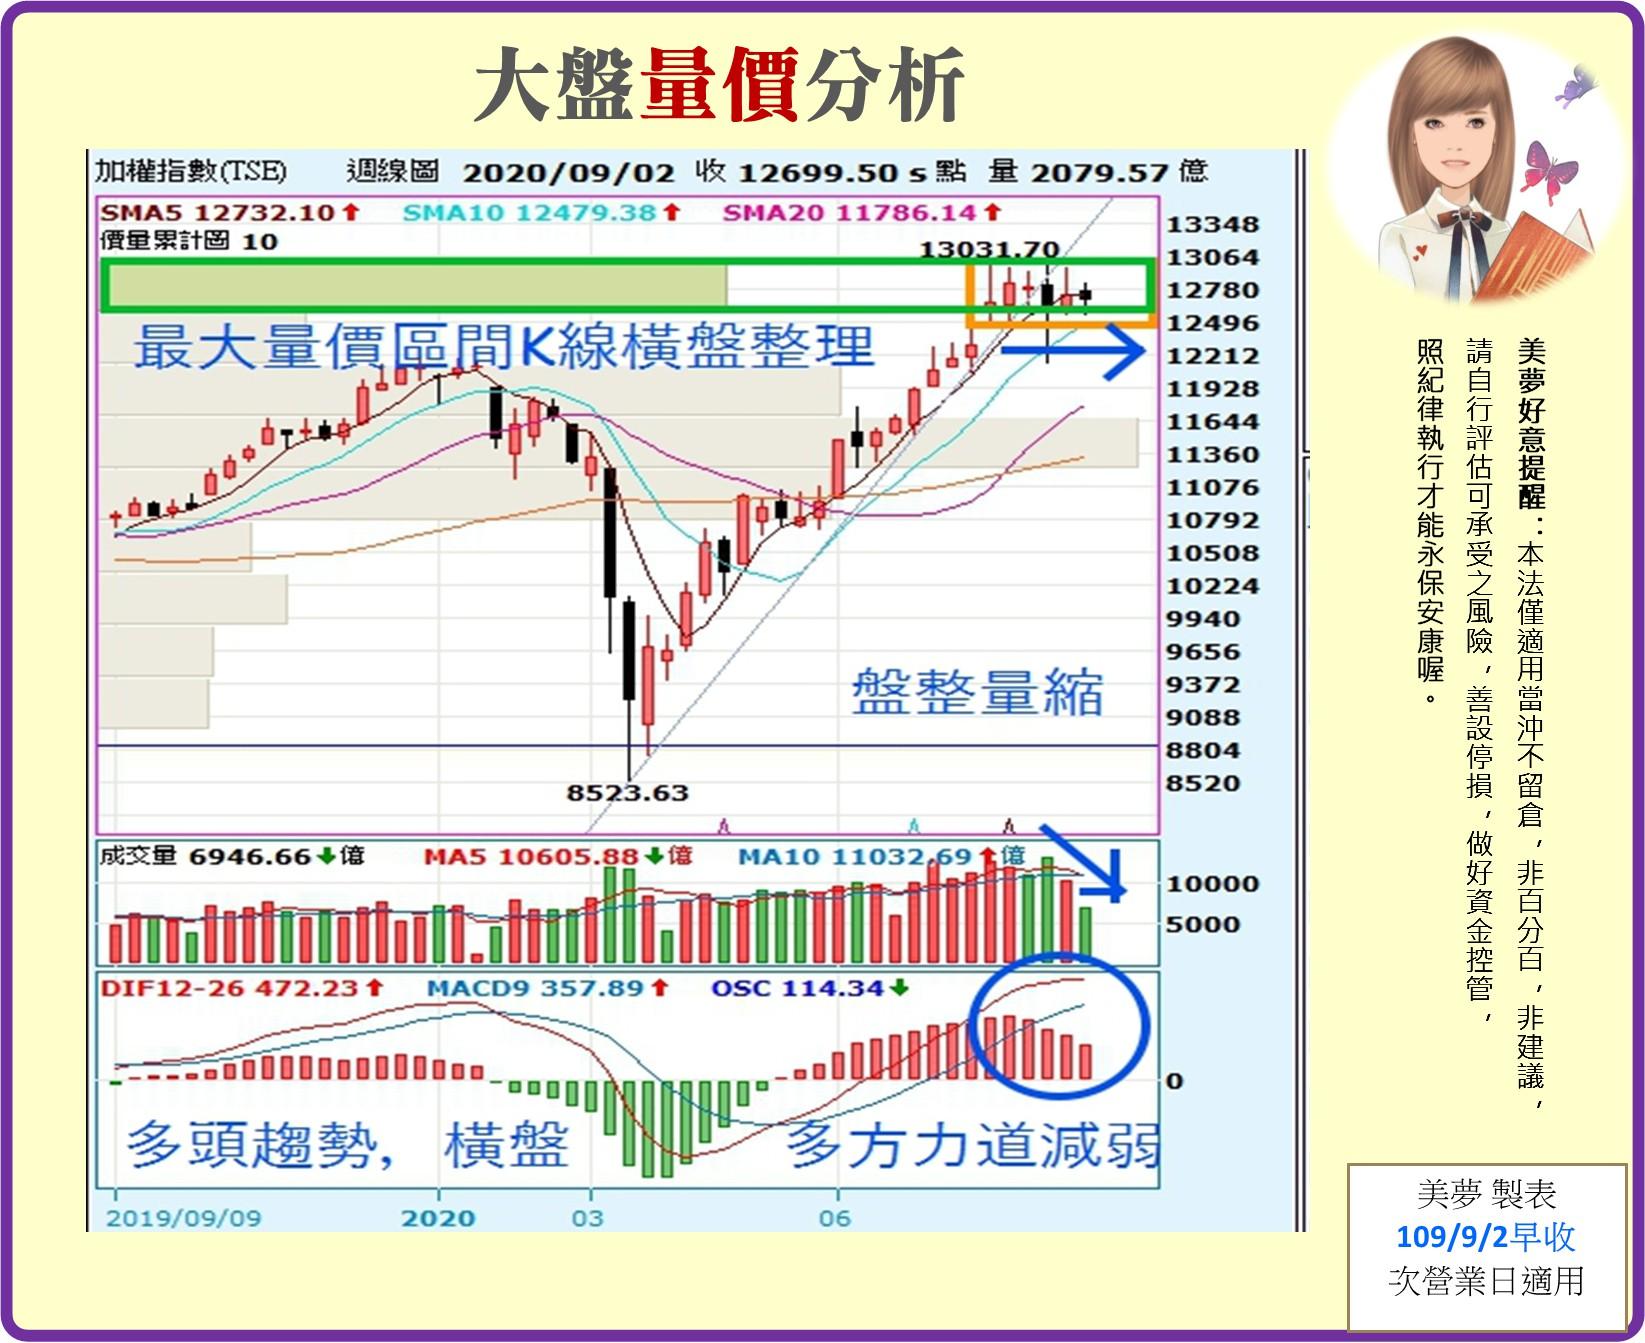 1090903 美夢冠軍-股市_03